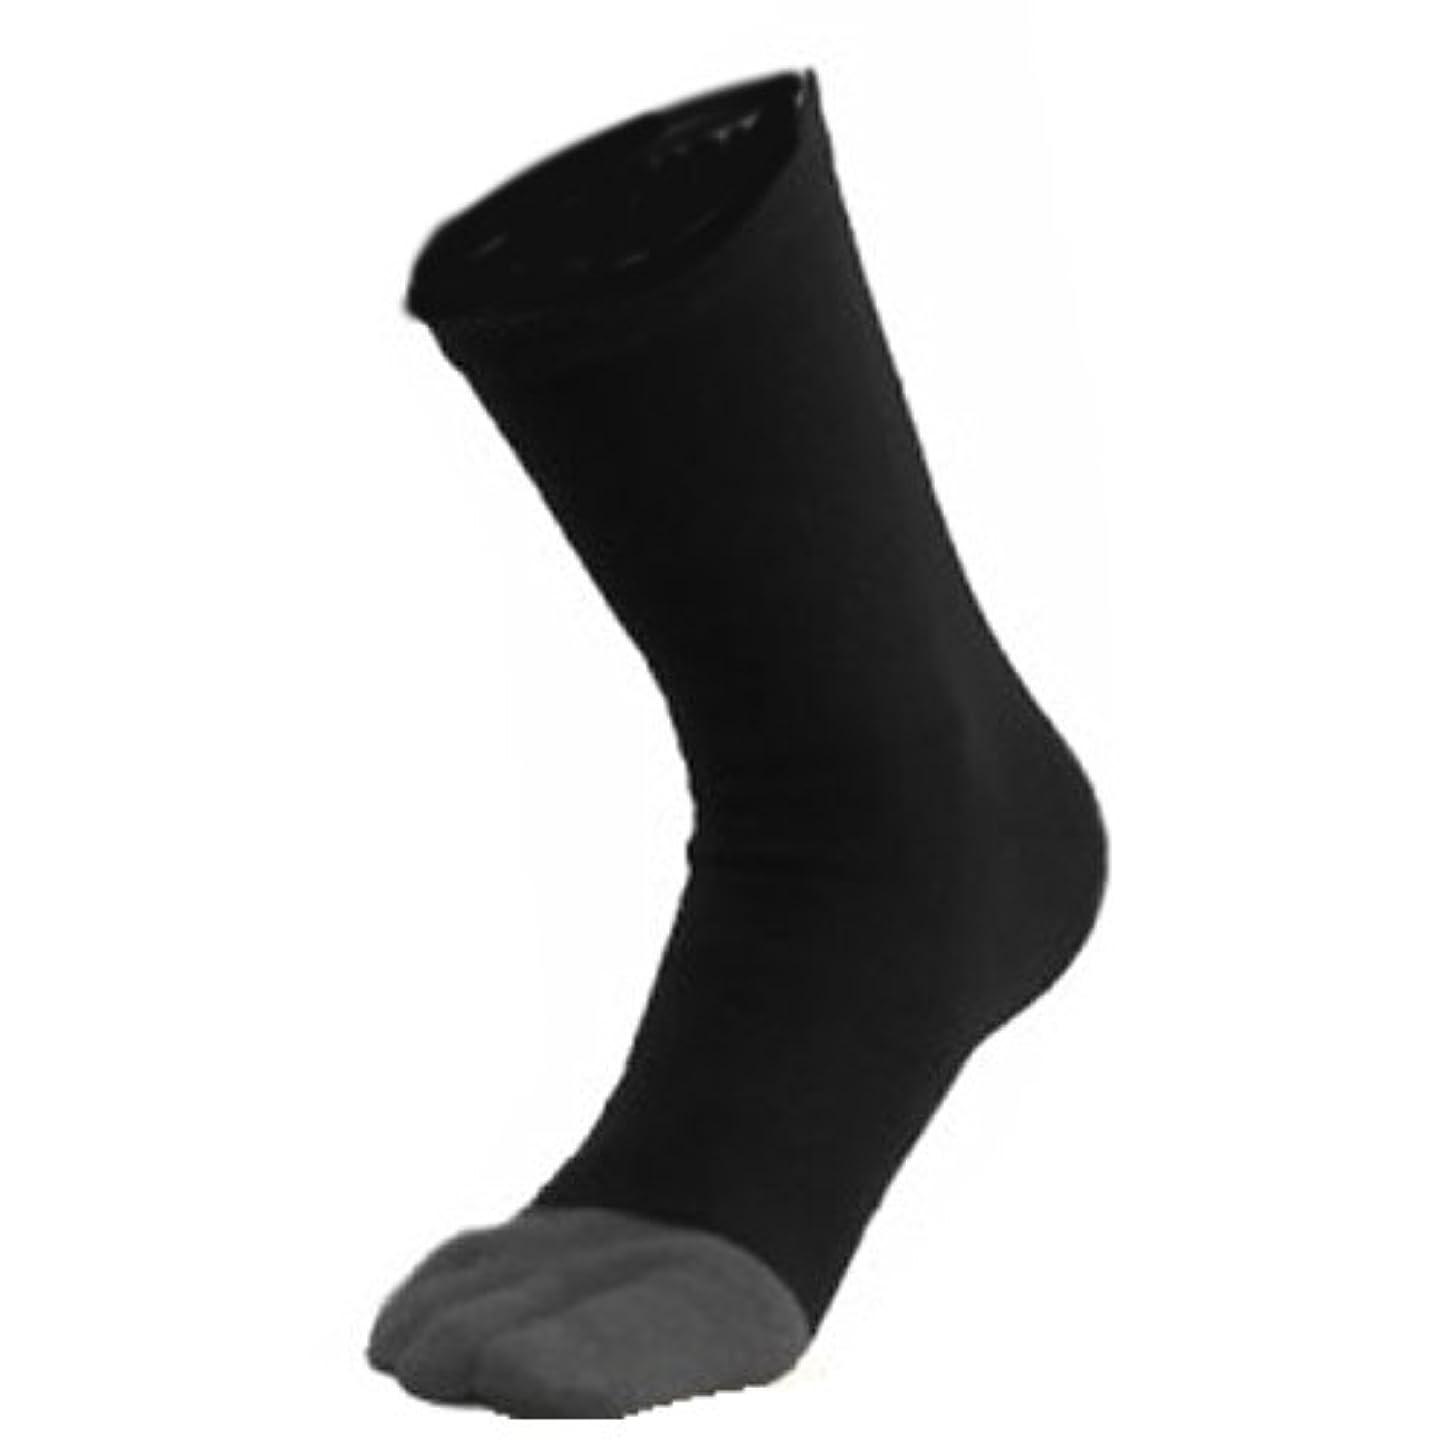 縮れたハグ専門用語指先まであったか靴下 ブラック×チャコールグレー